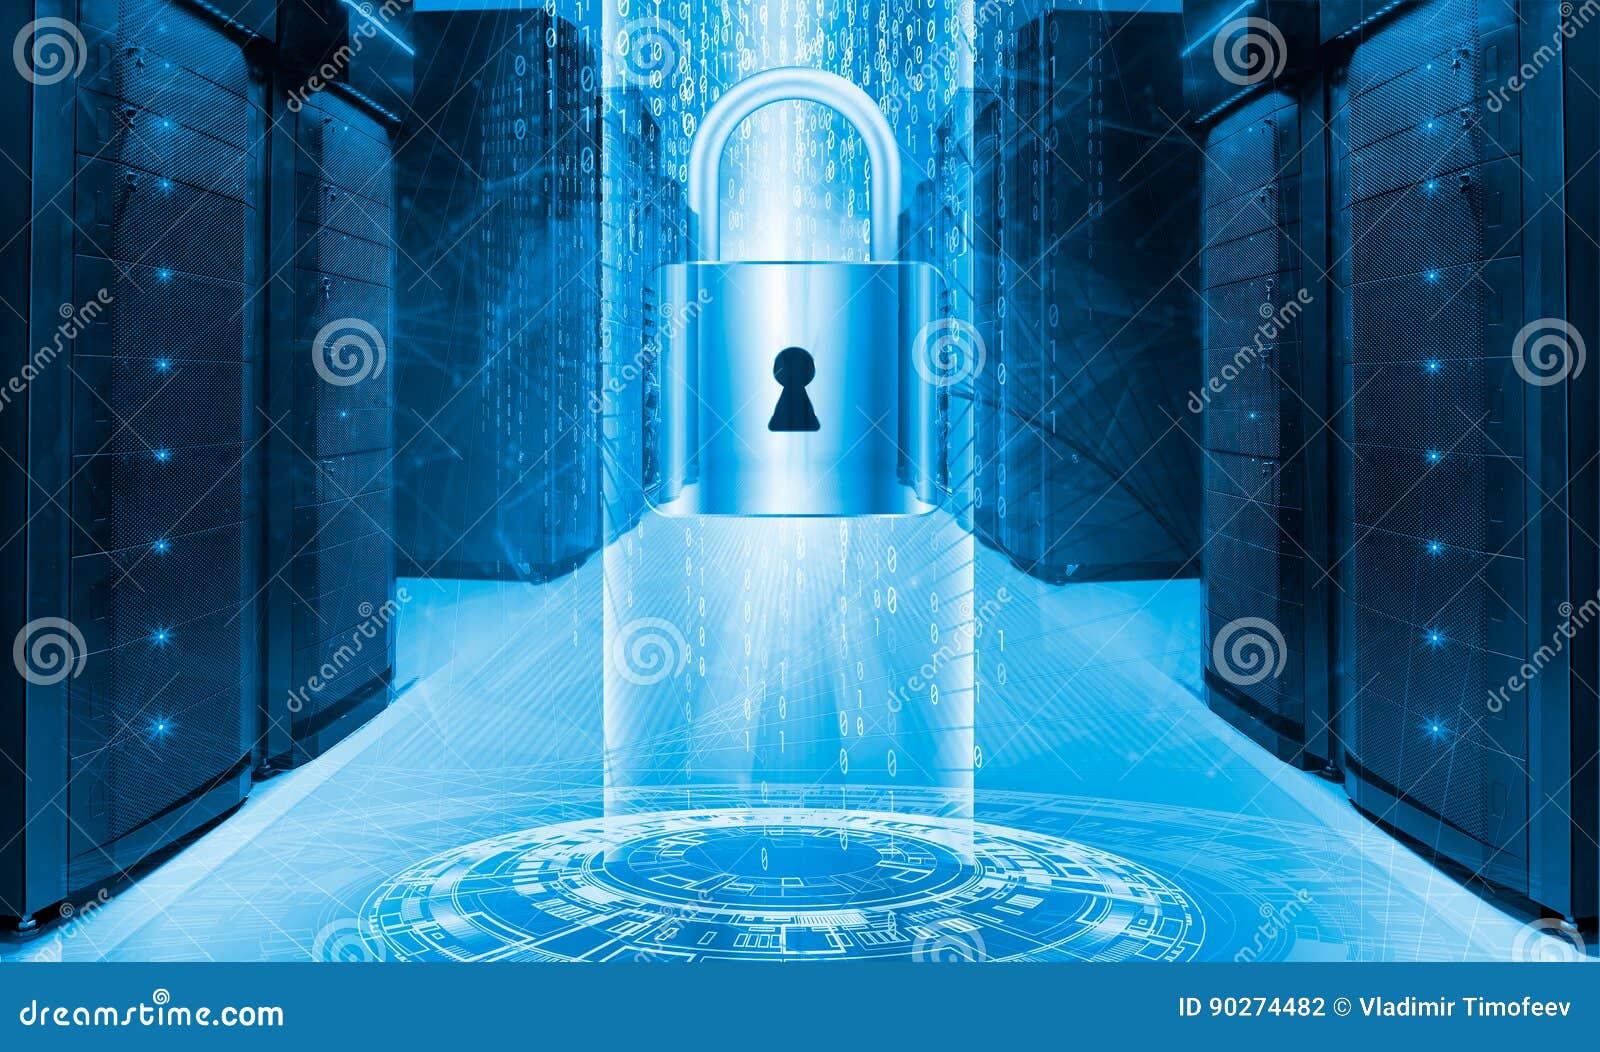 Концепция защиты данных сервера Страхование базы данных Безопасность информации от технологии интернета кибер вируса цифровой